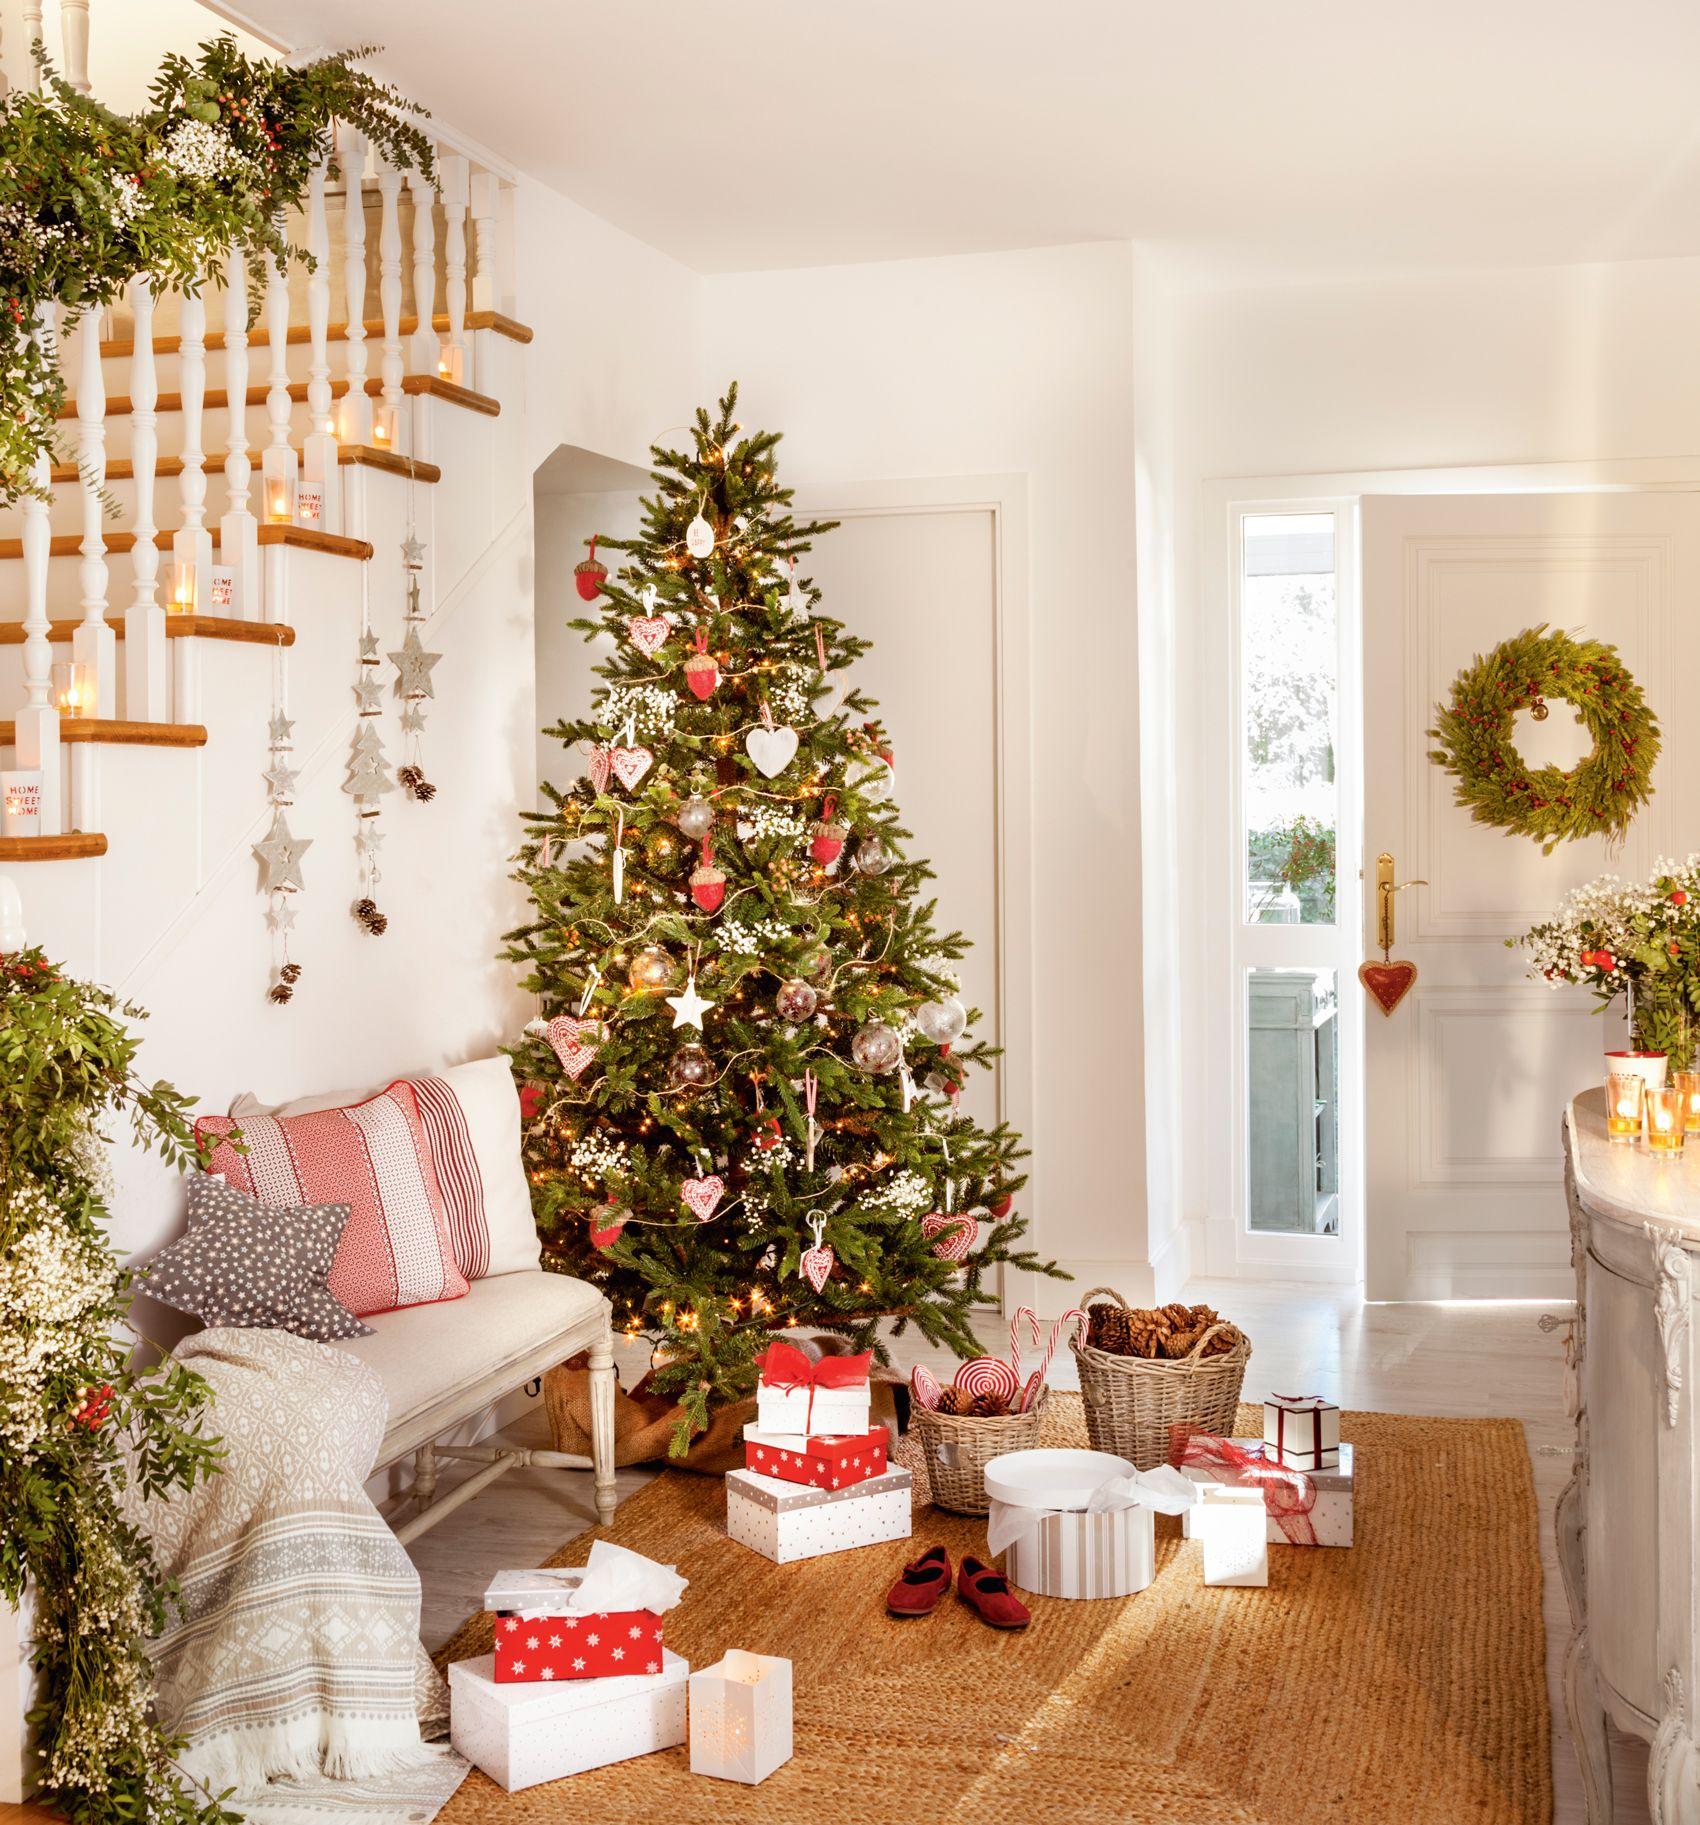 Recibidor Con Arbol De Navidad Decorado Con Estrellas Y - Fotos-arbol-navidad-decorados